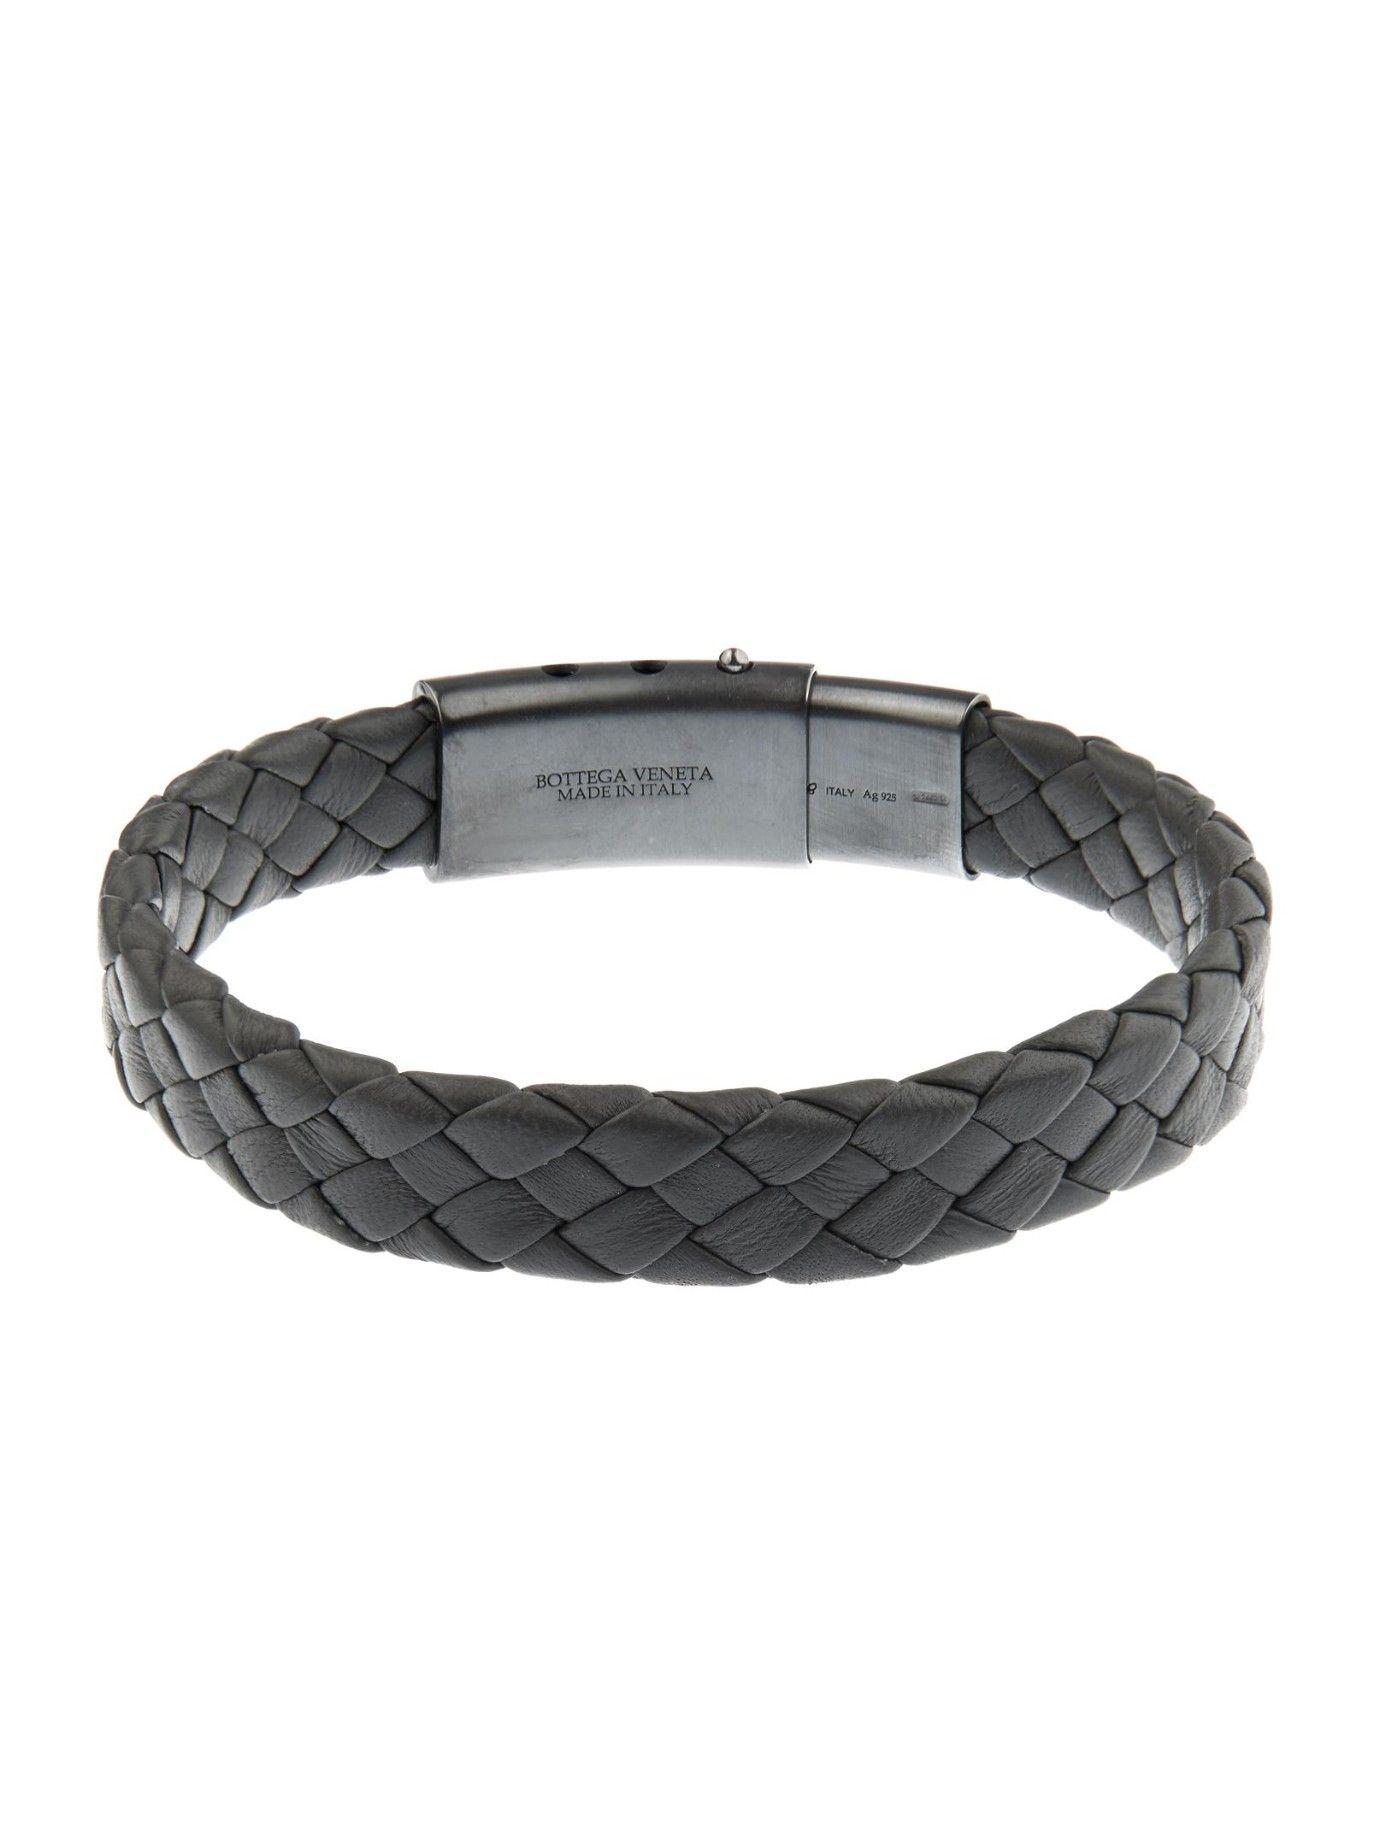 add634f80357b Bottega Veneta Flat Intrecciato Leather Bracelet in Gray for Men (GREY) |  Lyst